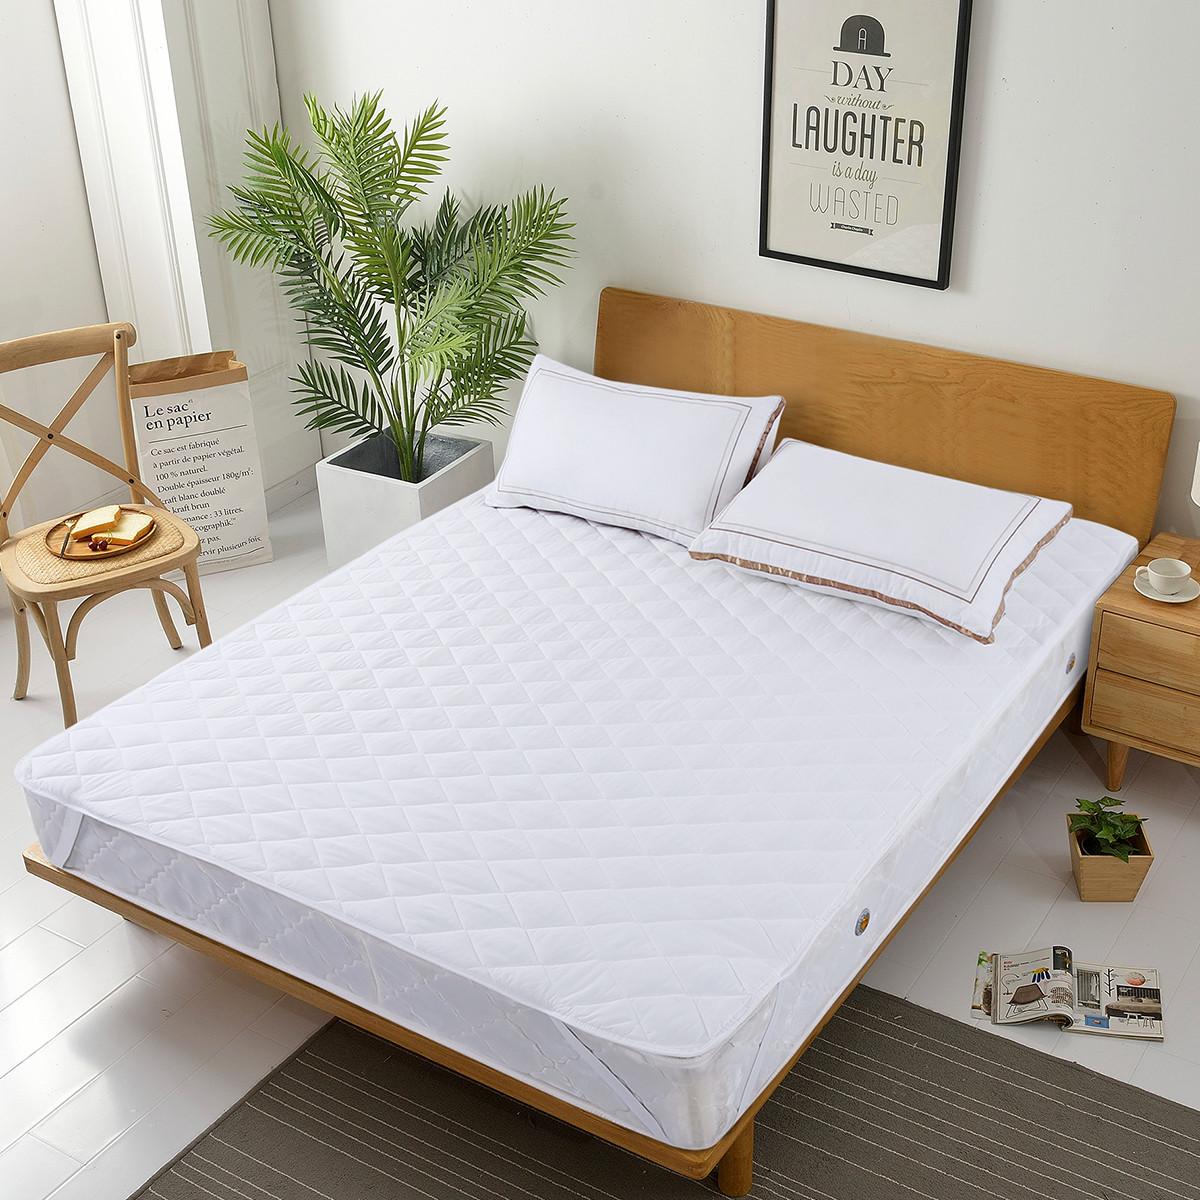 Ramada【年底清仓】席梦思床褥子保护罩床垫床褥褥子床笠床褥薄床垫COLOR白色